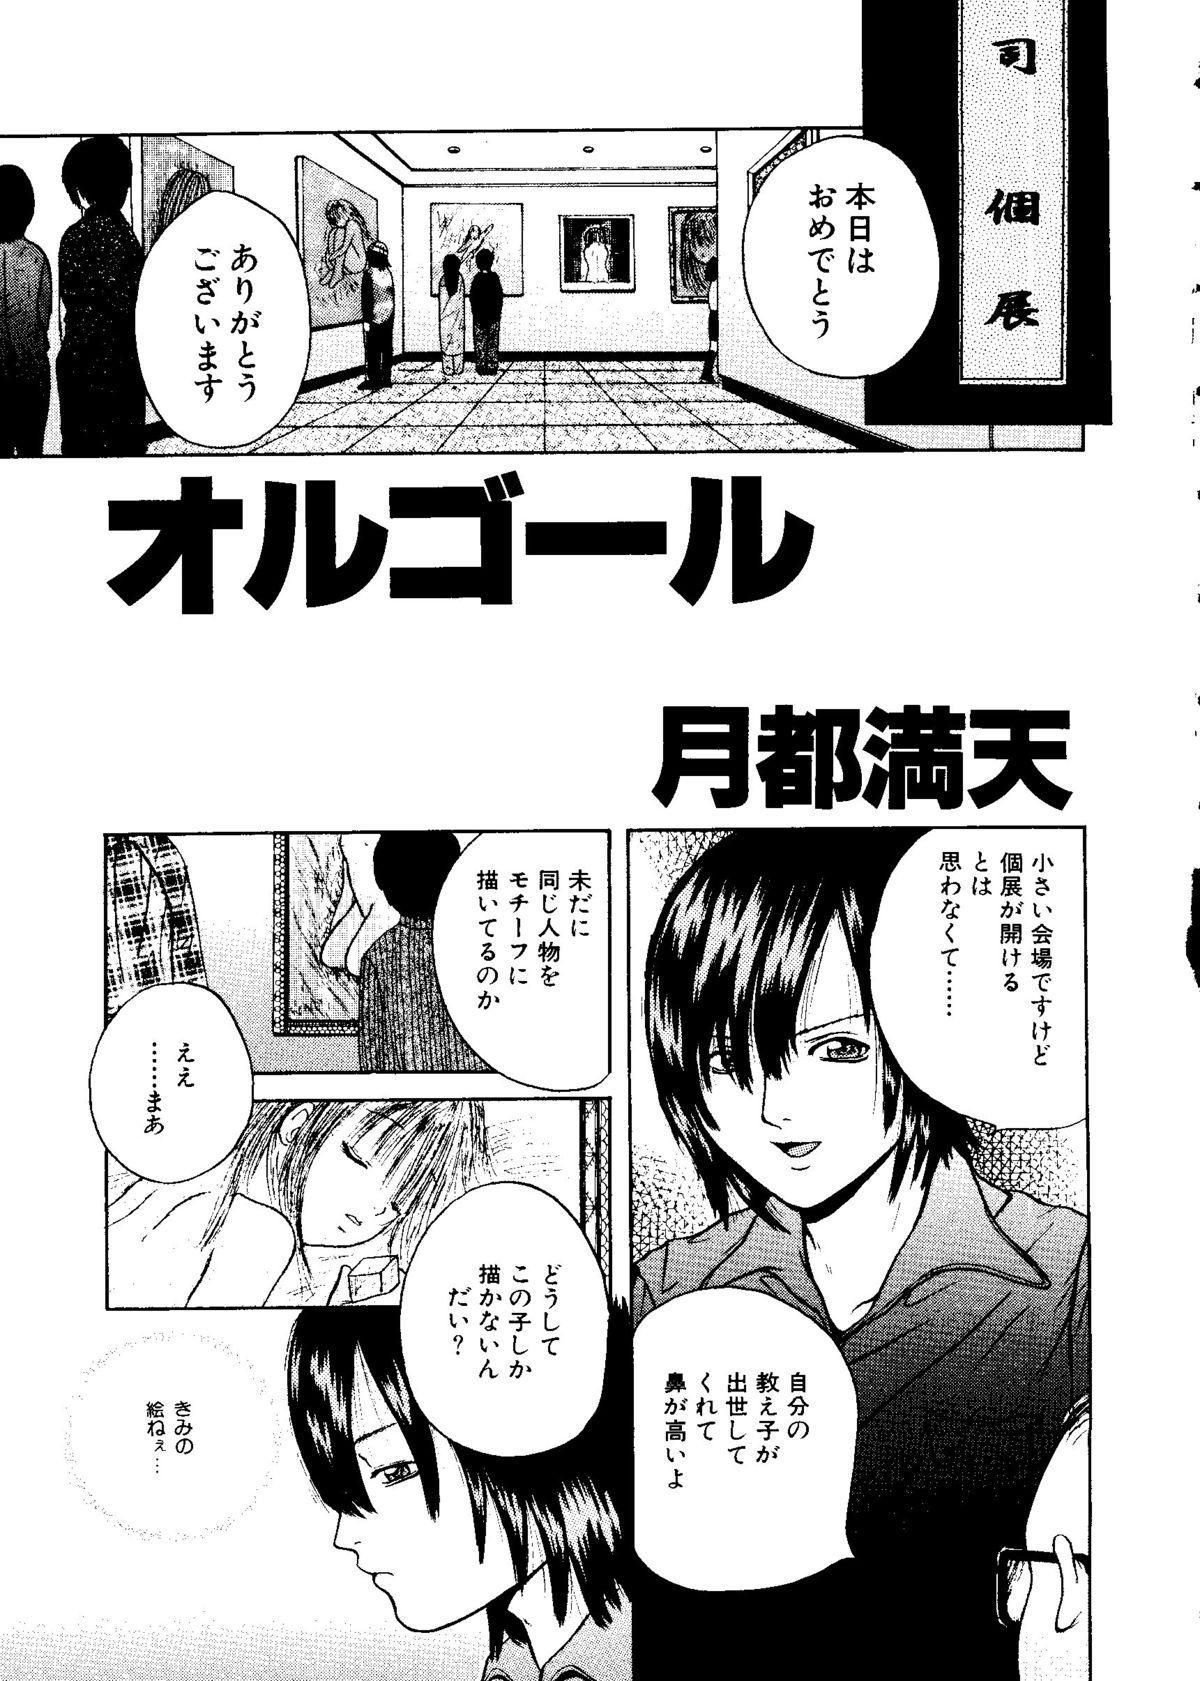 Mujirushi Youhin Vol. 7 21